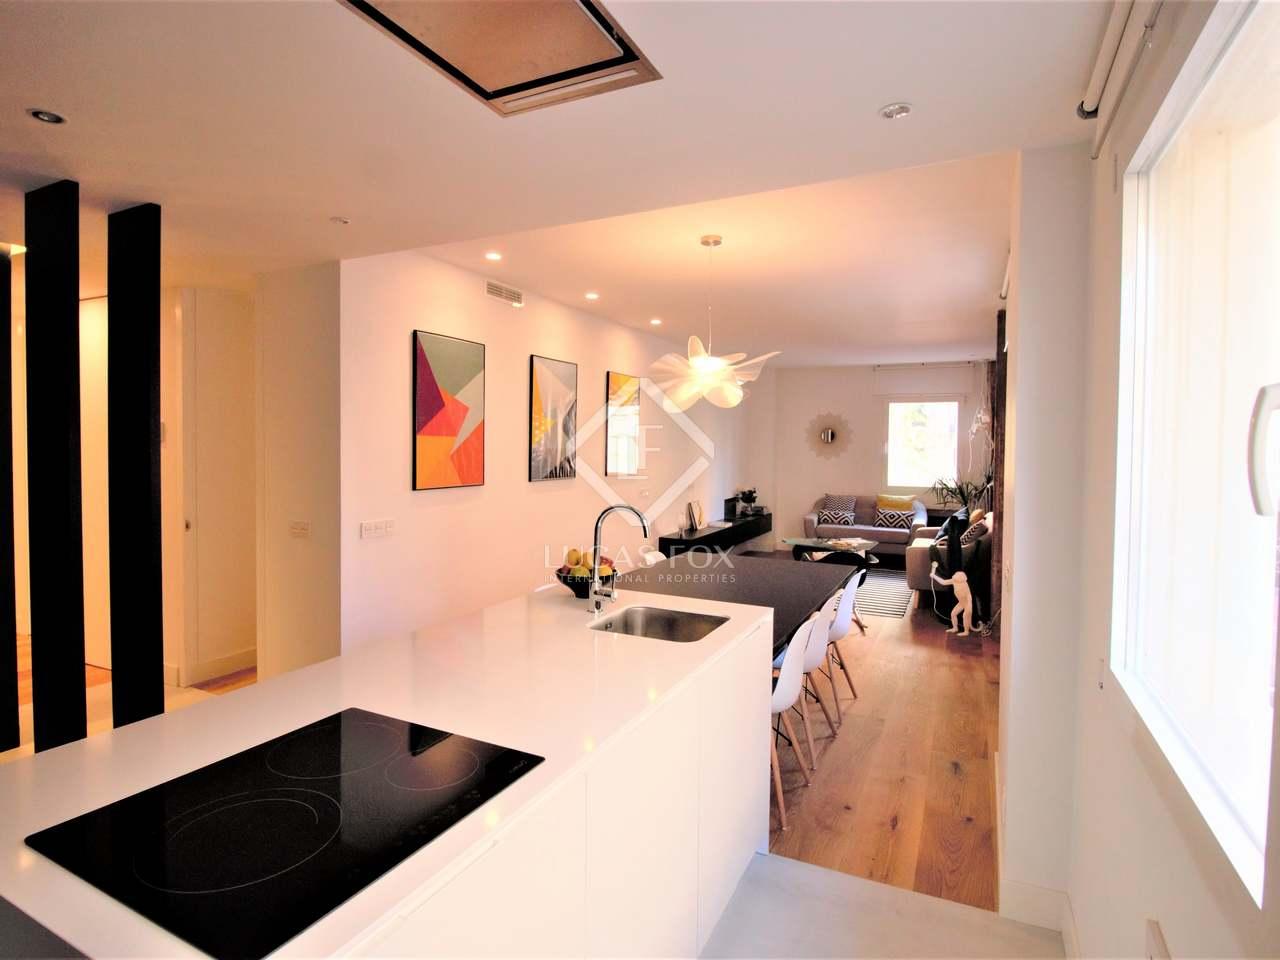 95m wohnung zum verkauf in trafalgar madrid. Black Bedroom Furniture Sets. Home Design Ideas